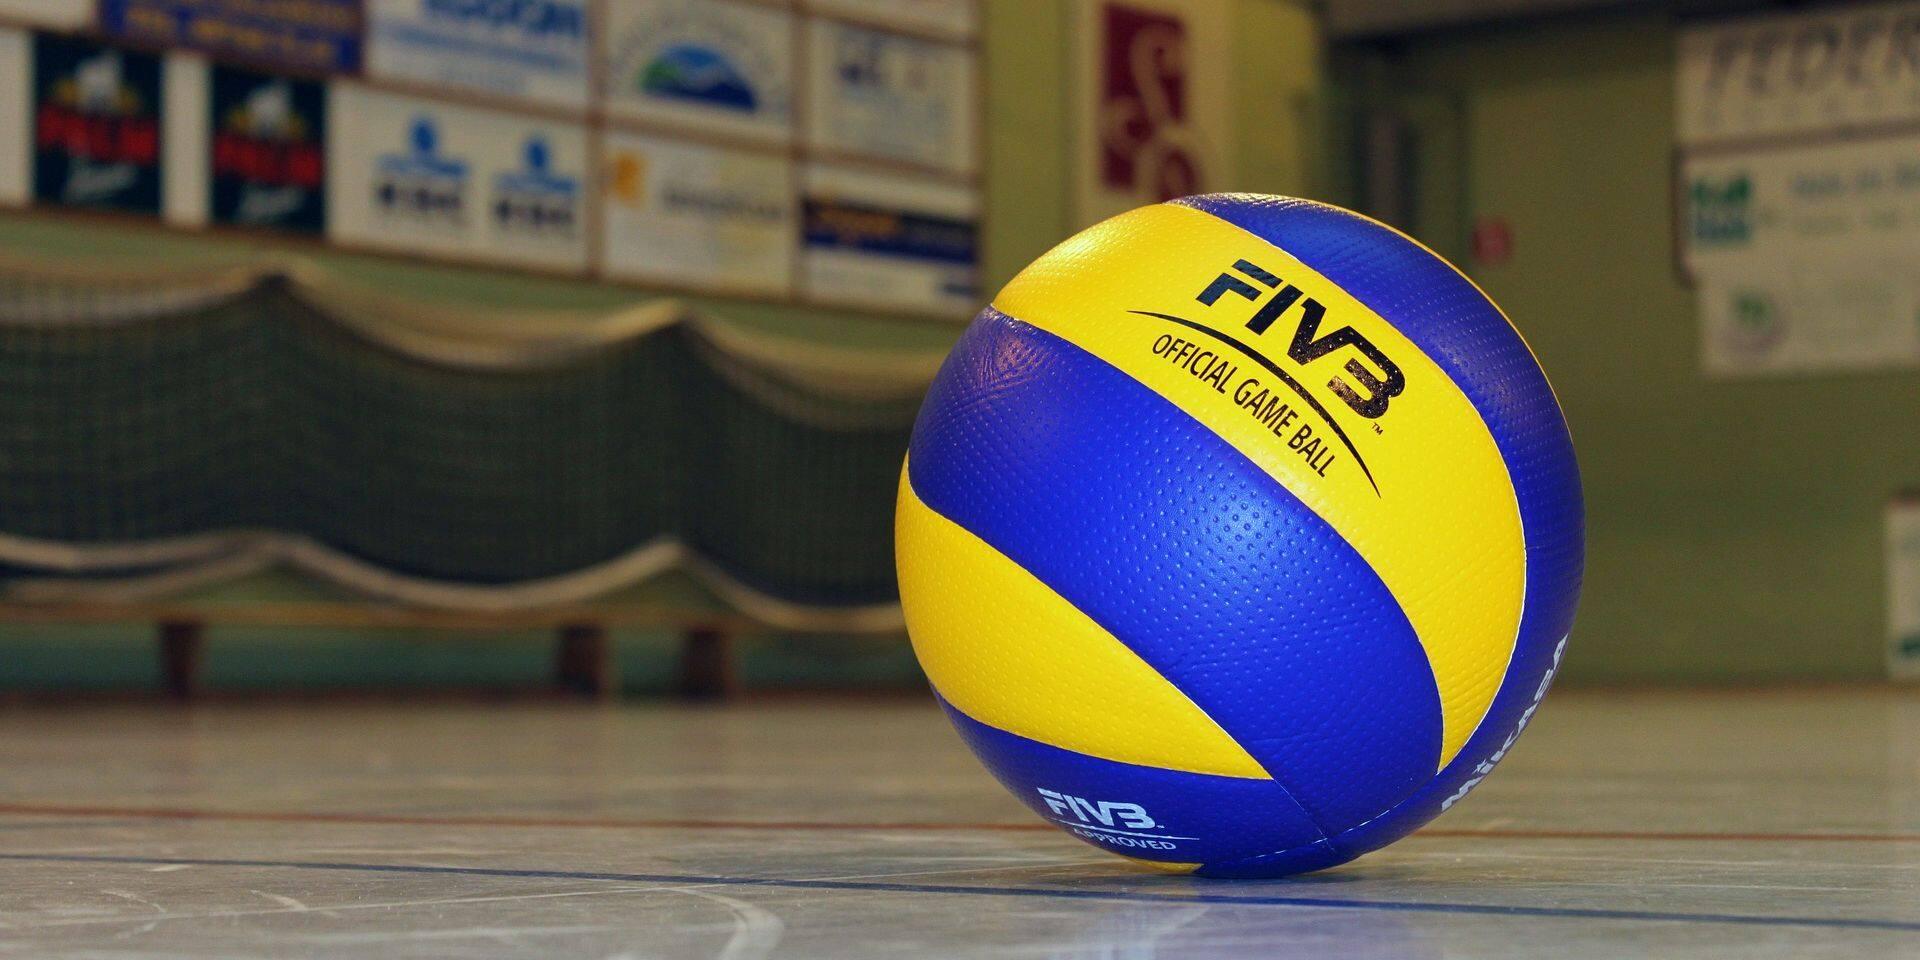 Jupiter débarque à Charleroi Volley